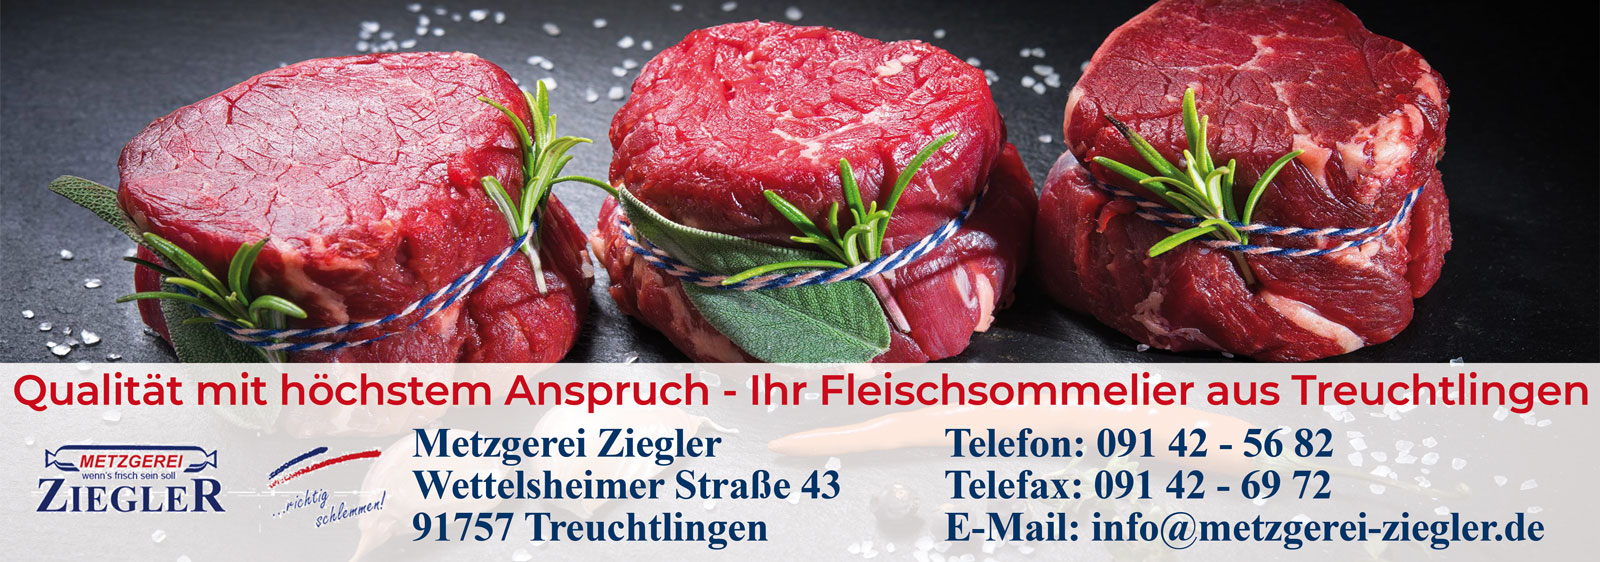 Metzgerei Ziegler – Fleischsommelier in Treuchtlingen